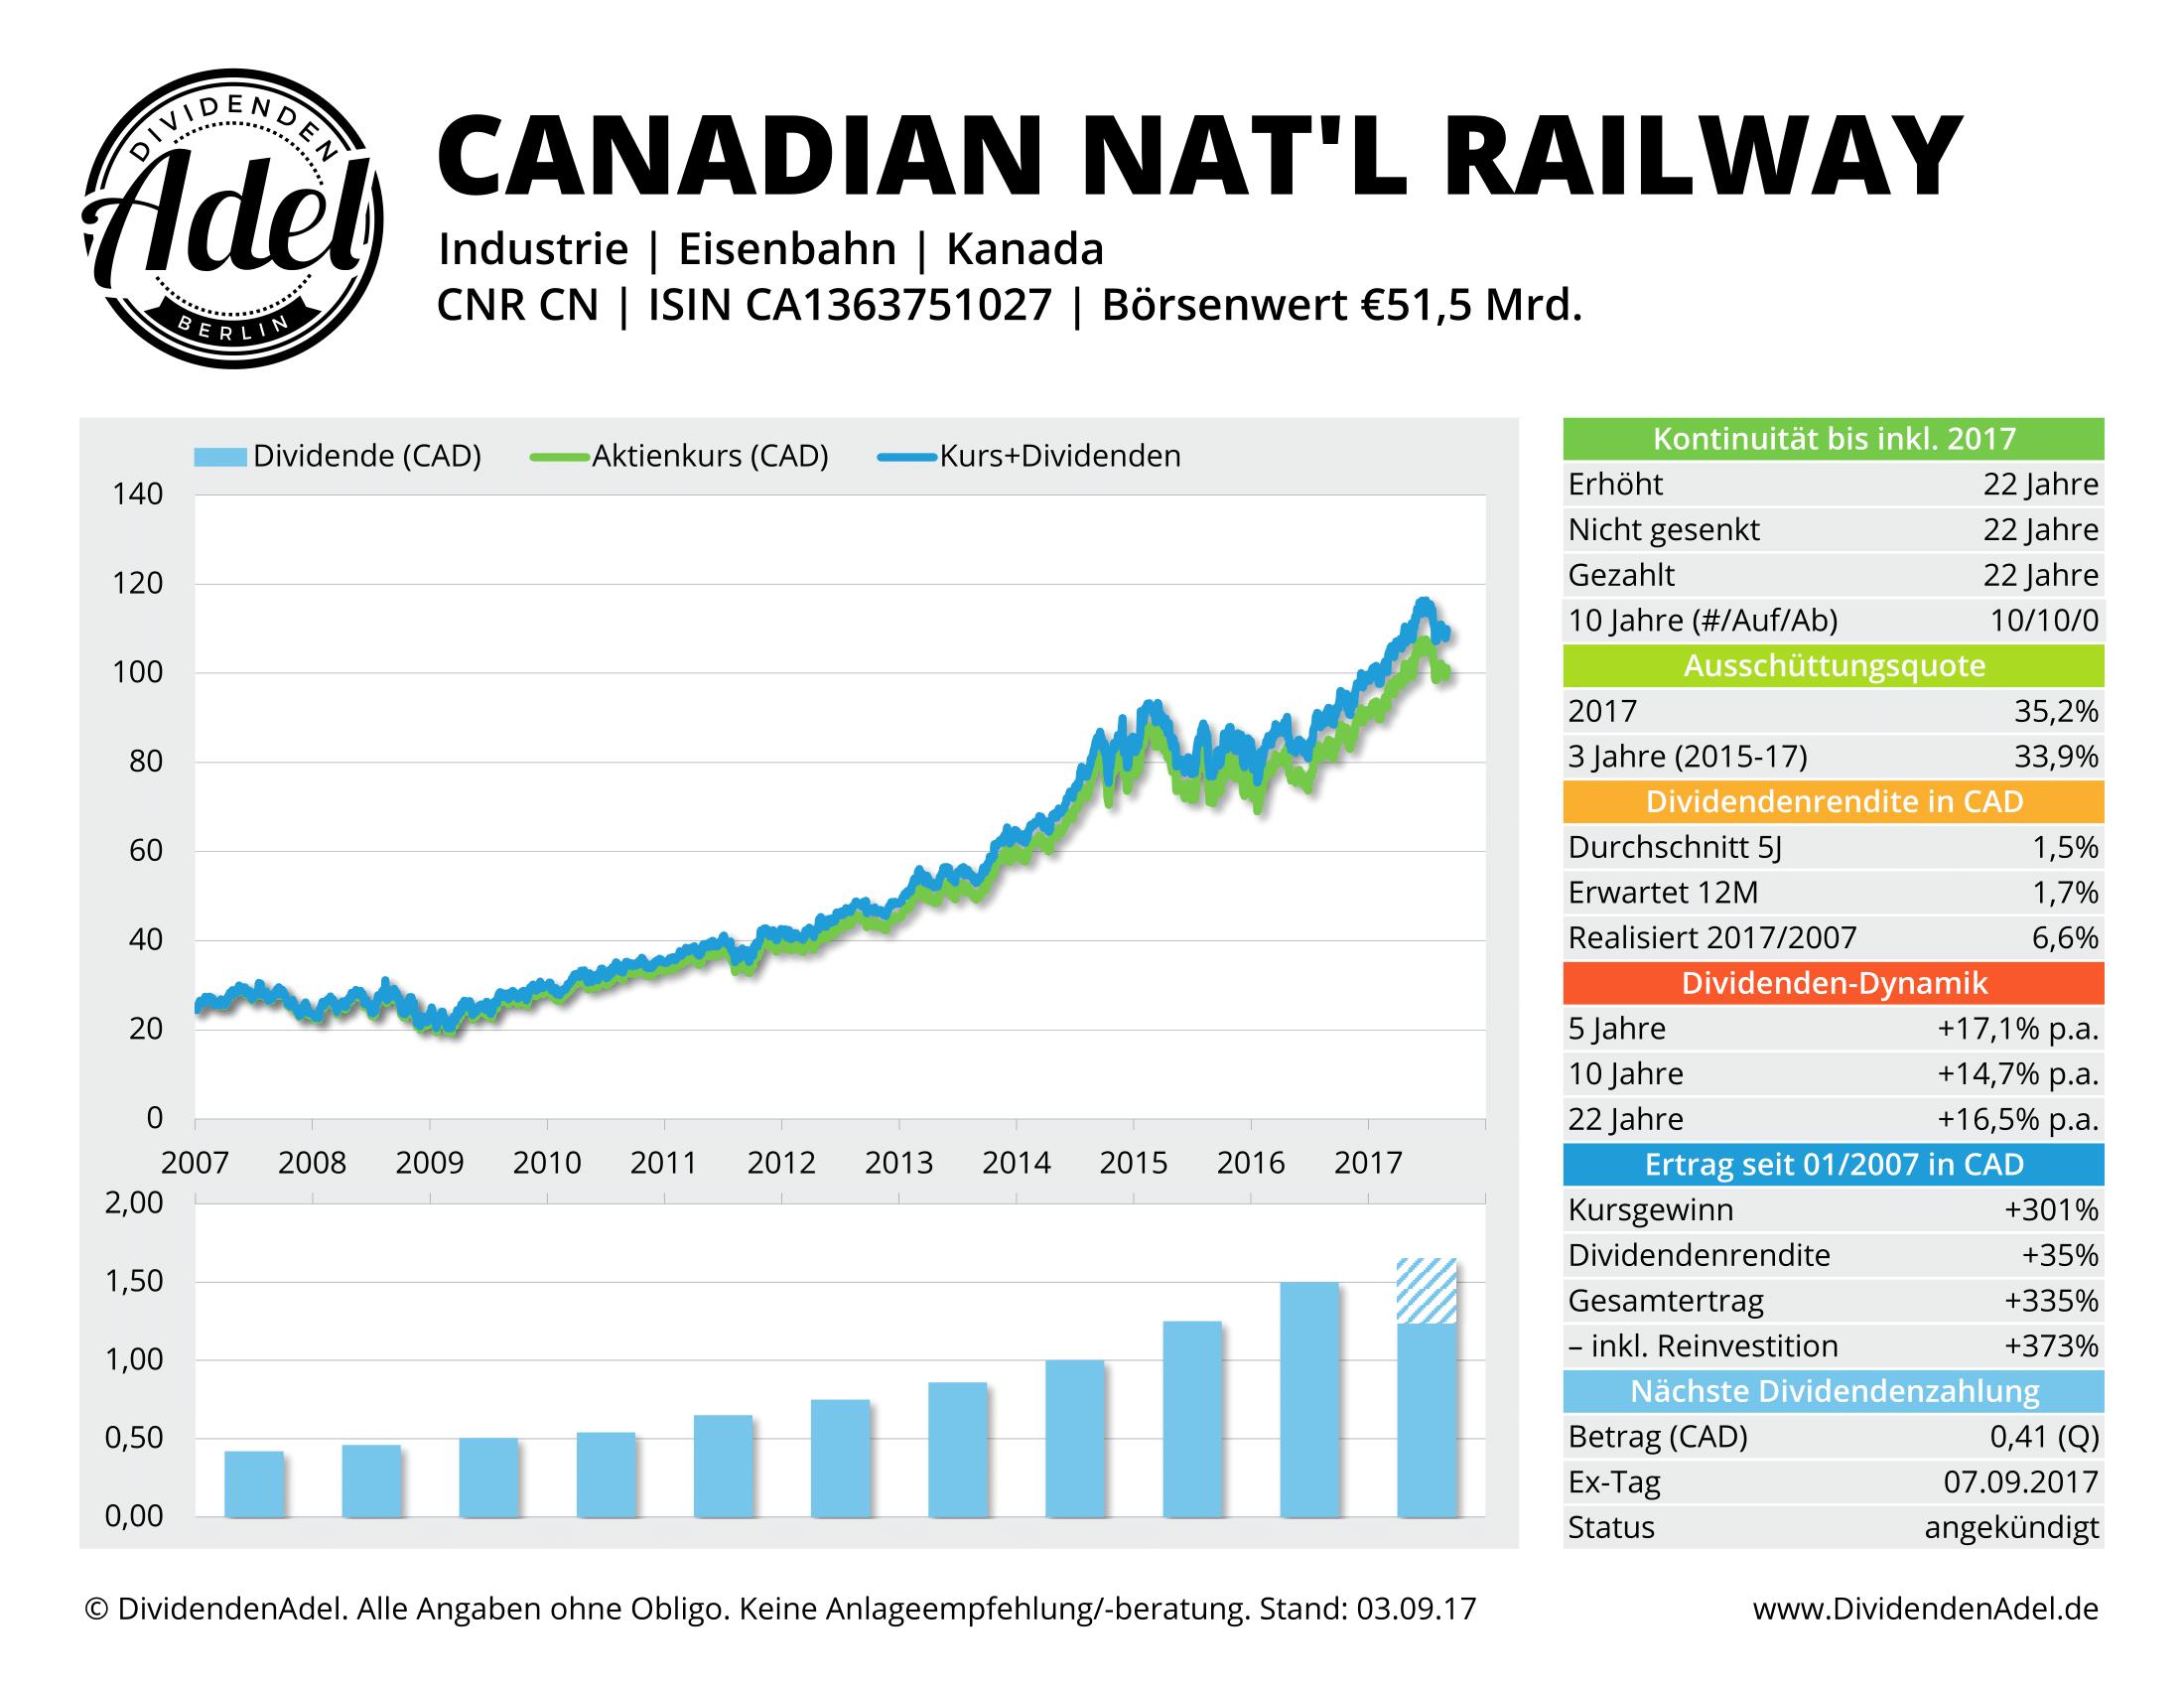 CANADIAN-NATL-RAILWAY-DividendenAdel-Profil